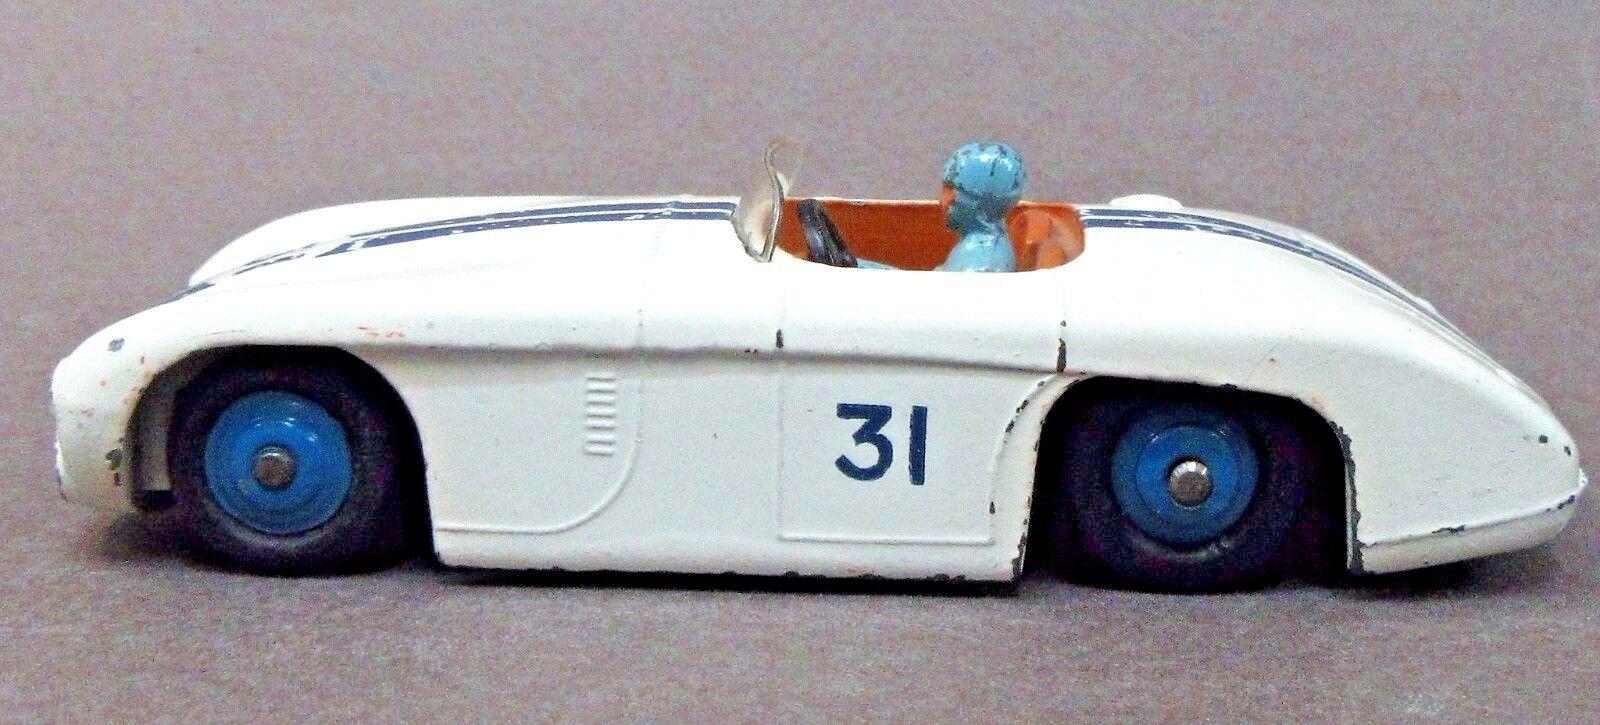 precios mas bajos Década de 1950 Dinky  133 Cunningham C-5R C-5R C-5R Coche Deportivo  31 con X DIECAST figura del conductor  auténtico